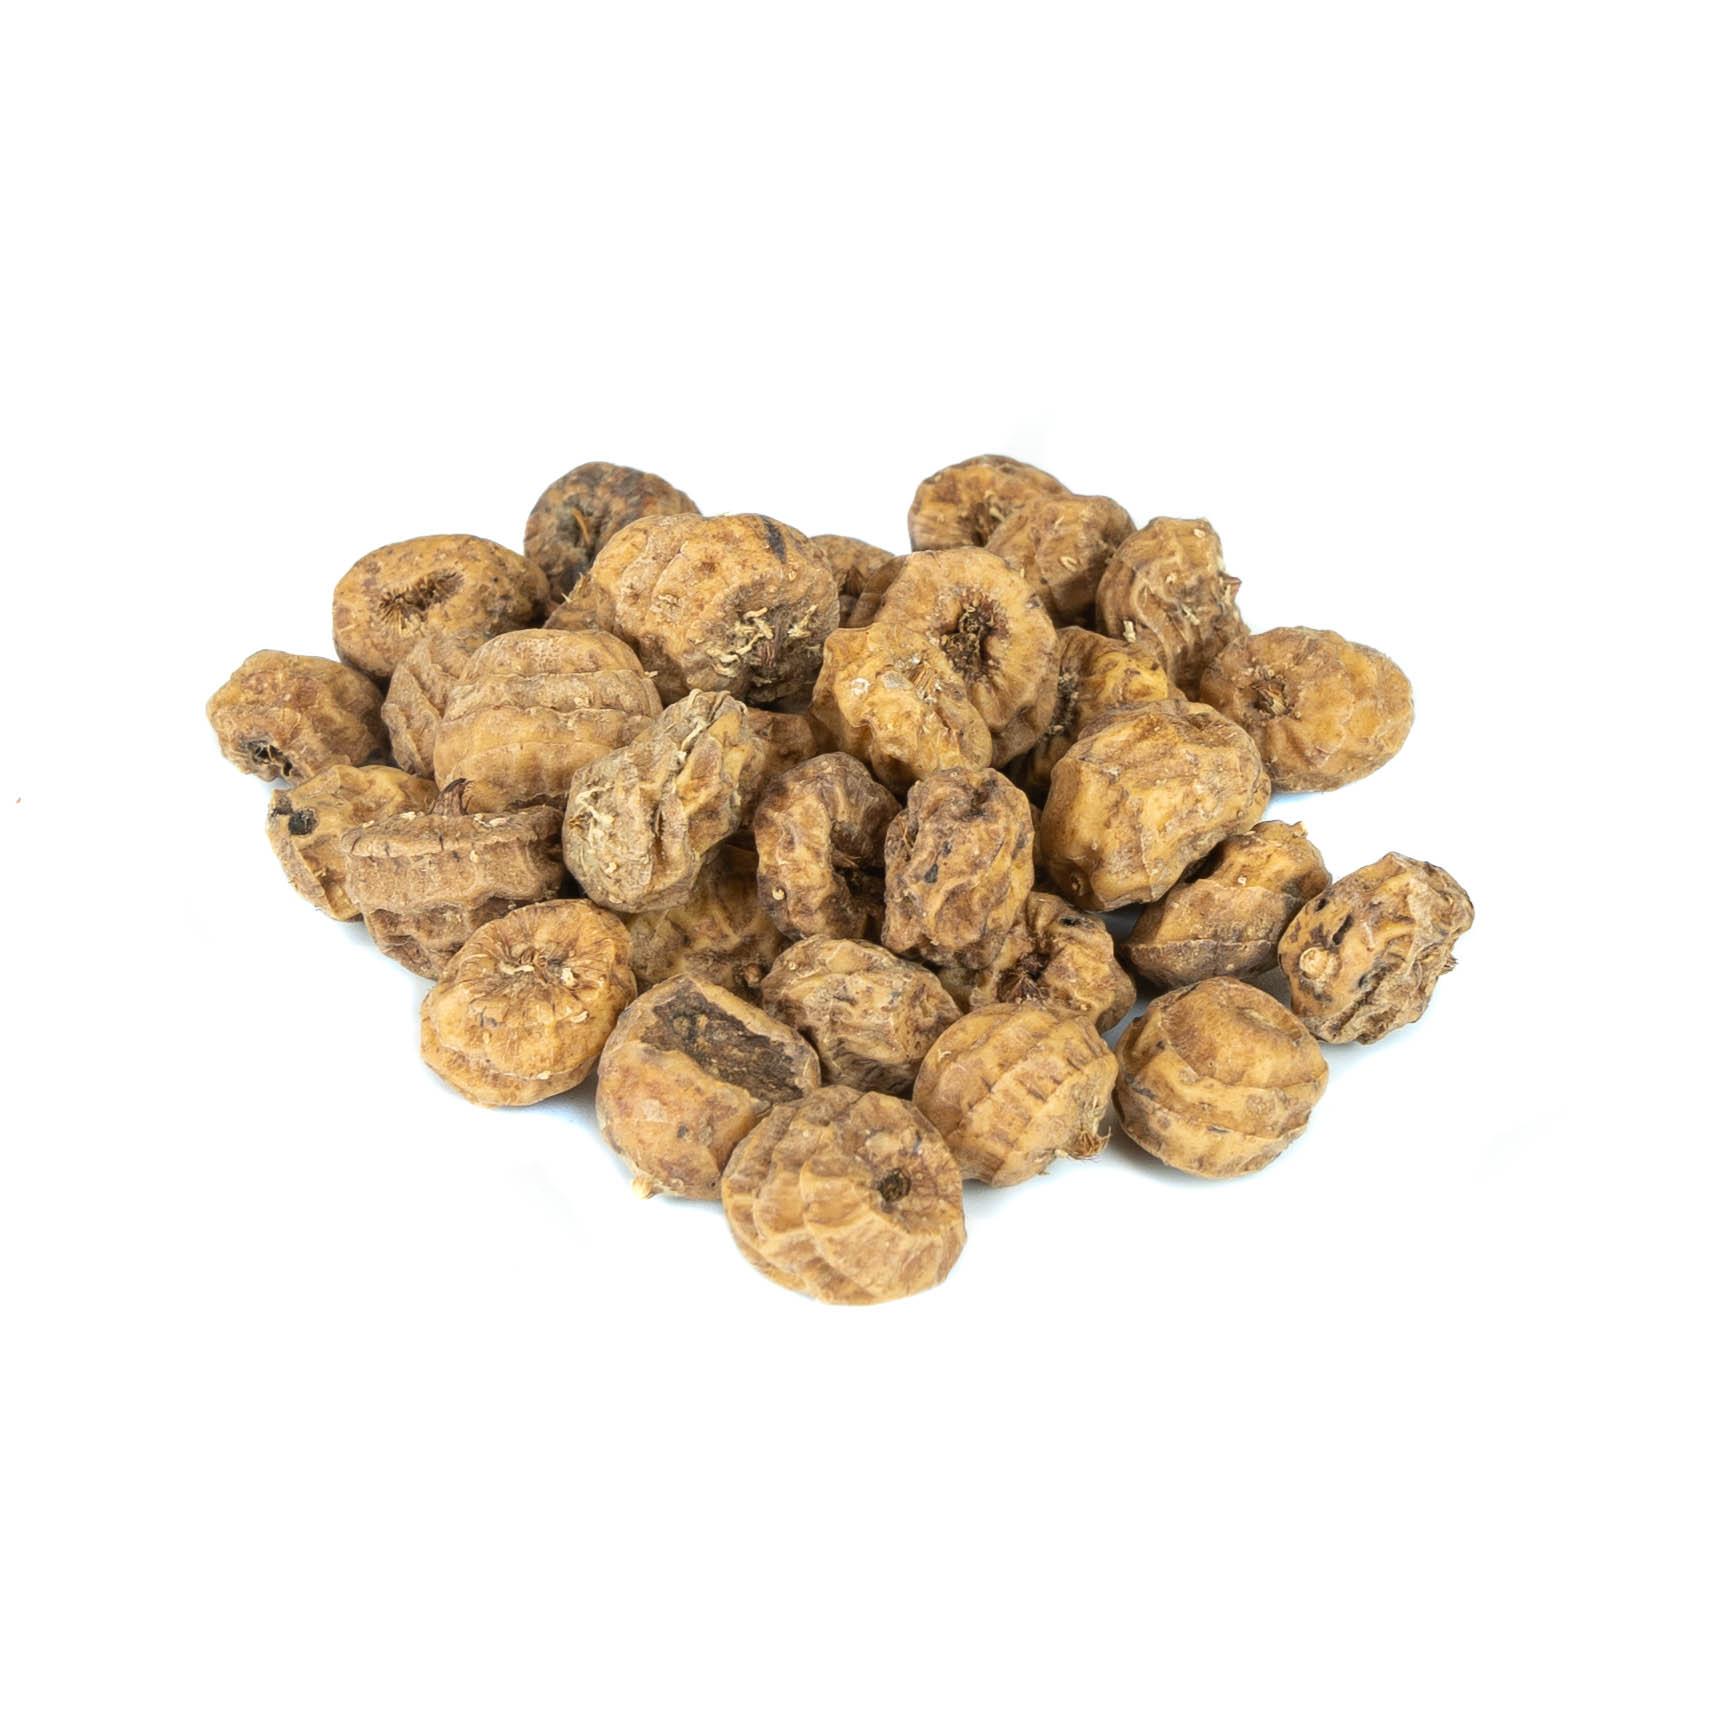 Partikl 1kg - Tygří ořech Jumbo